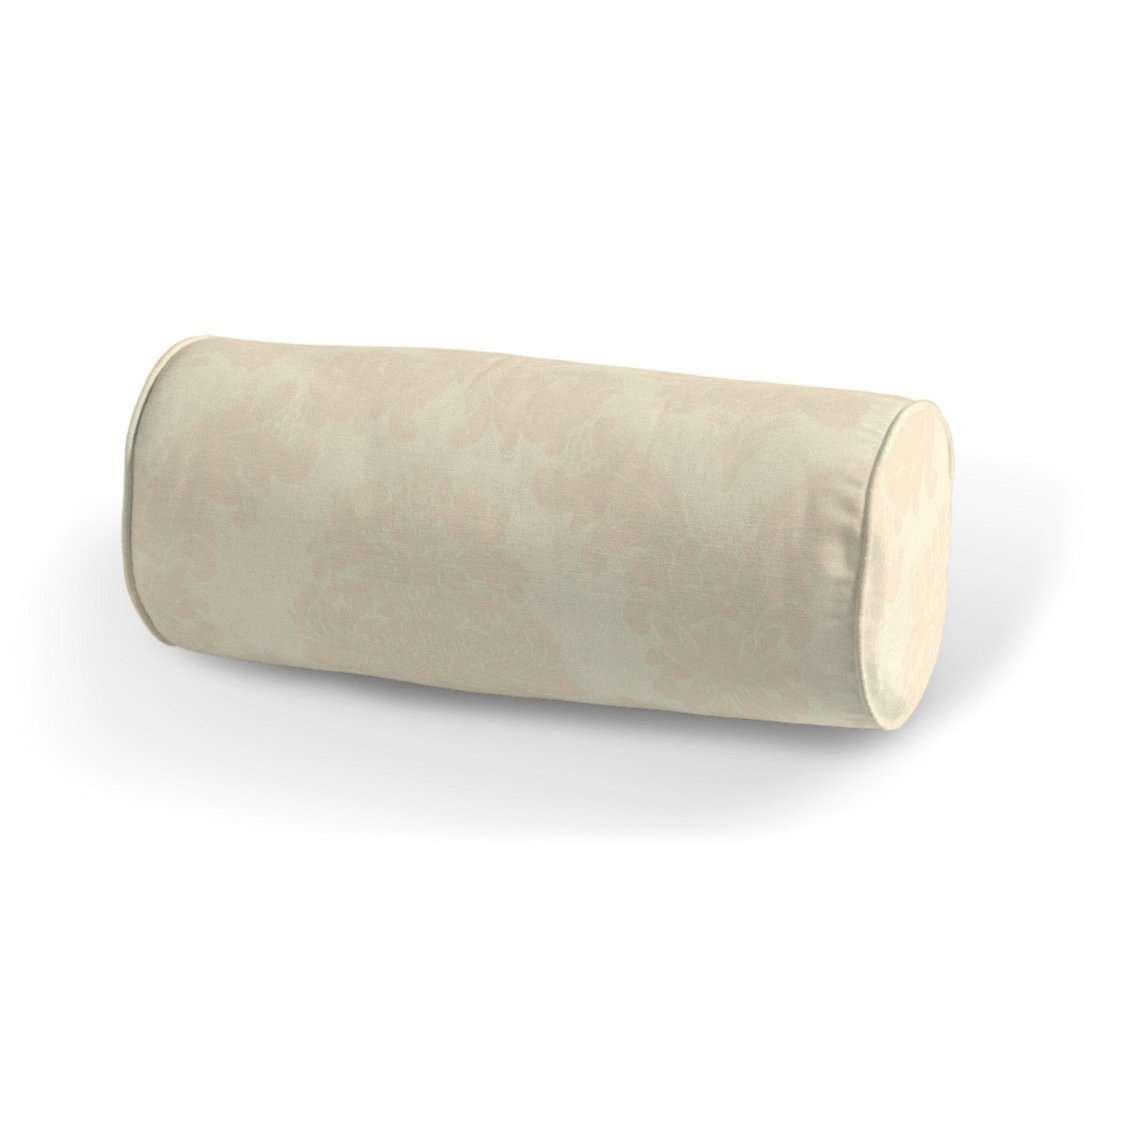 Wałek prosty Ø 16 x 40 cm w kolekcji Damasco, tkanina: 613-01